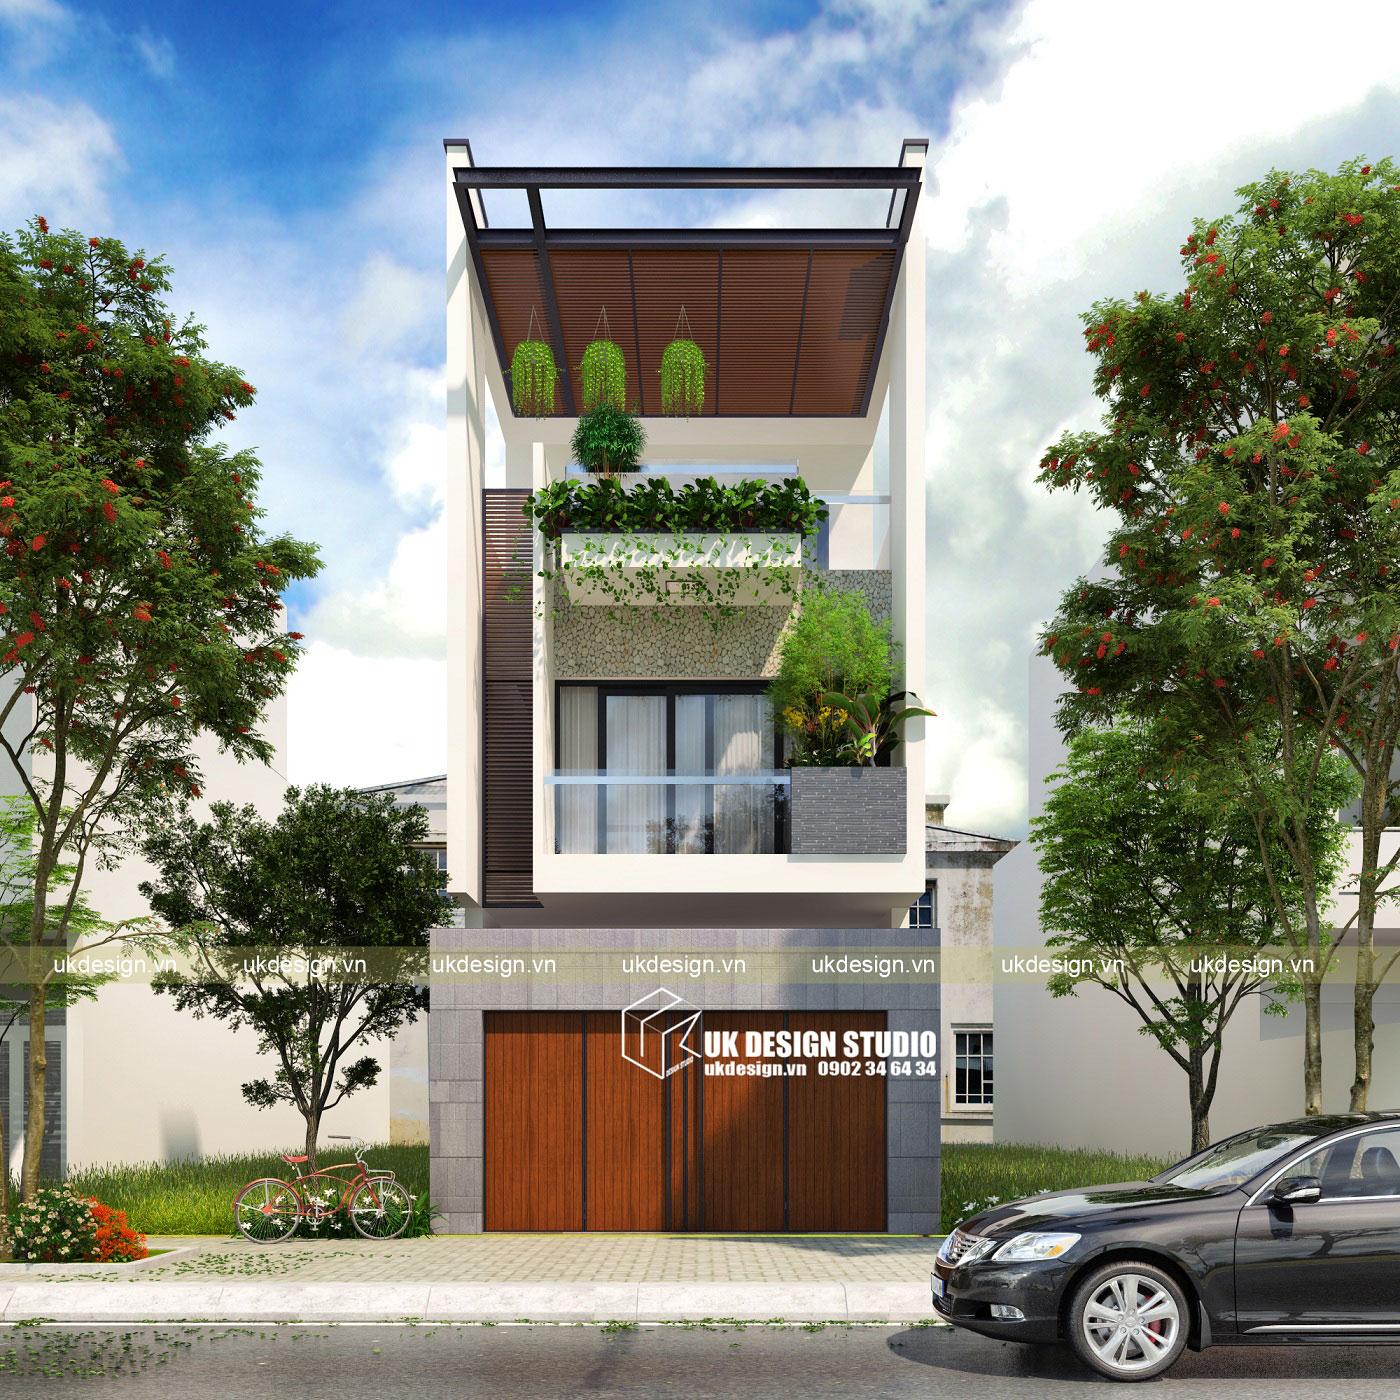 Thiết kế nhà phố hiện đại 3 tầng 5x20m a